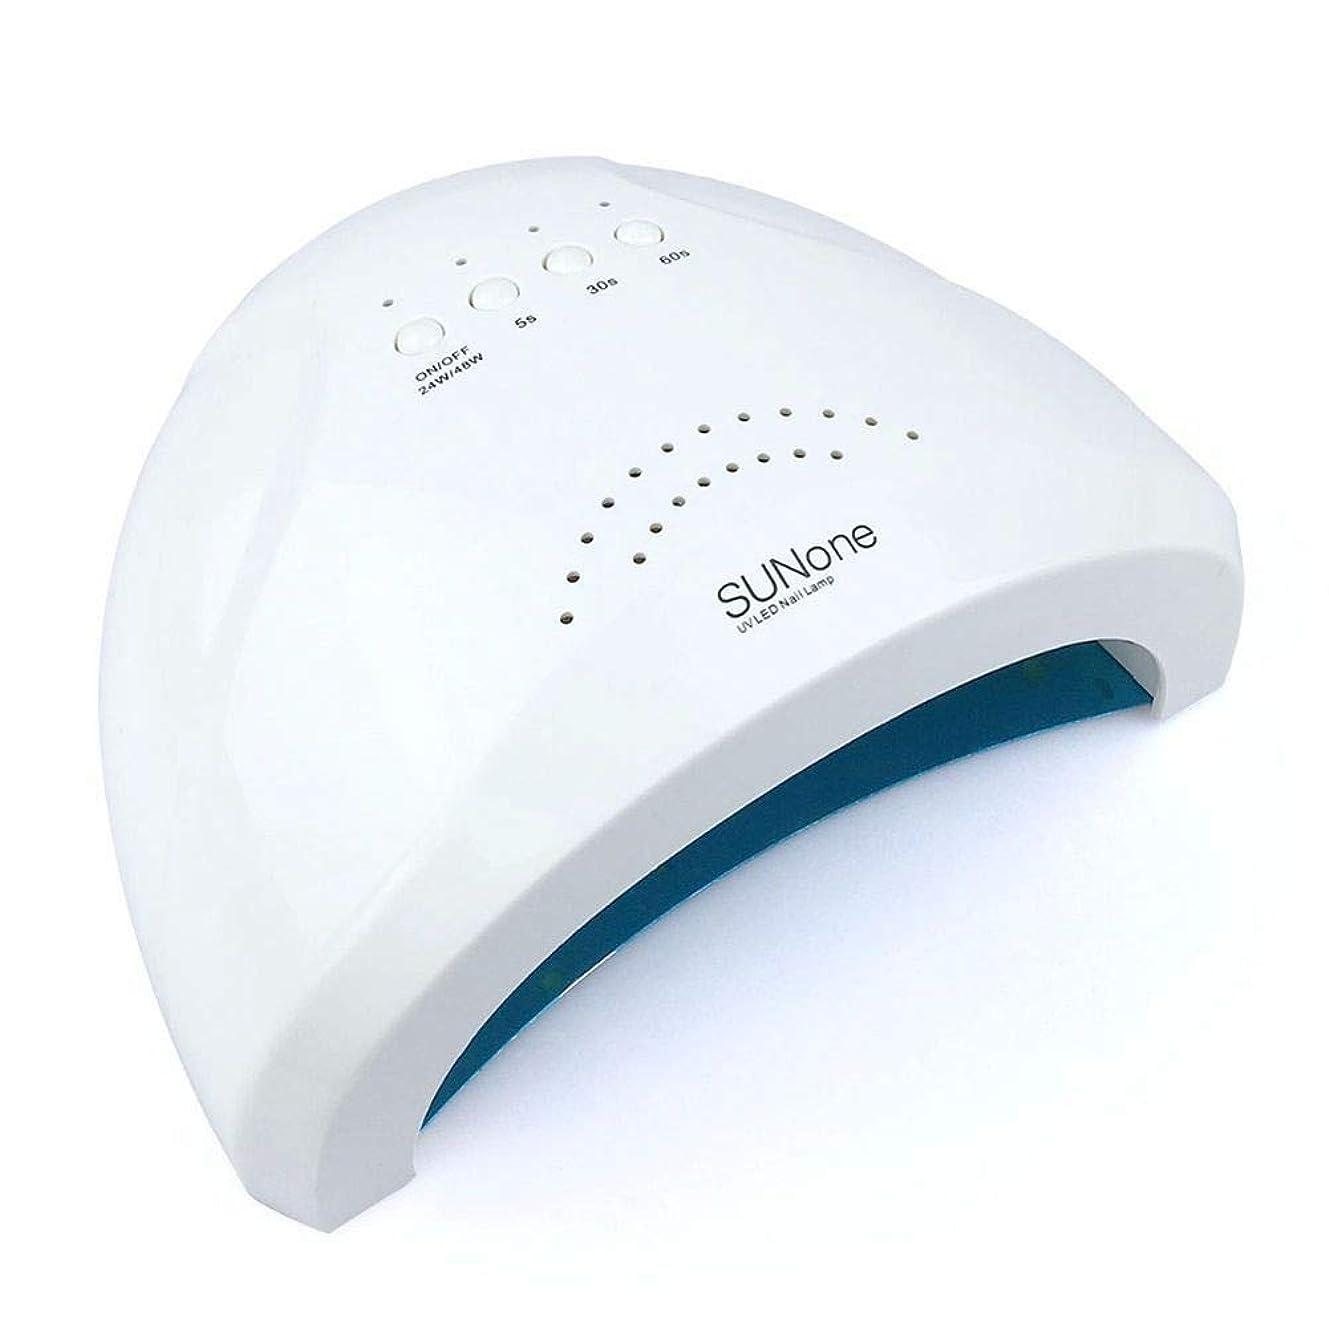 フォロー鮮やかな恵みネイルドライヤーネイルドライヤー24W / 48W UV LEDネイルランプスマートセンサー5s / 30s / 60s UV LEDネイルジェル硬化用時間設定機、写真の色